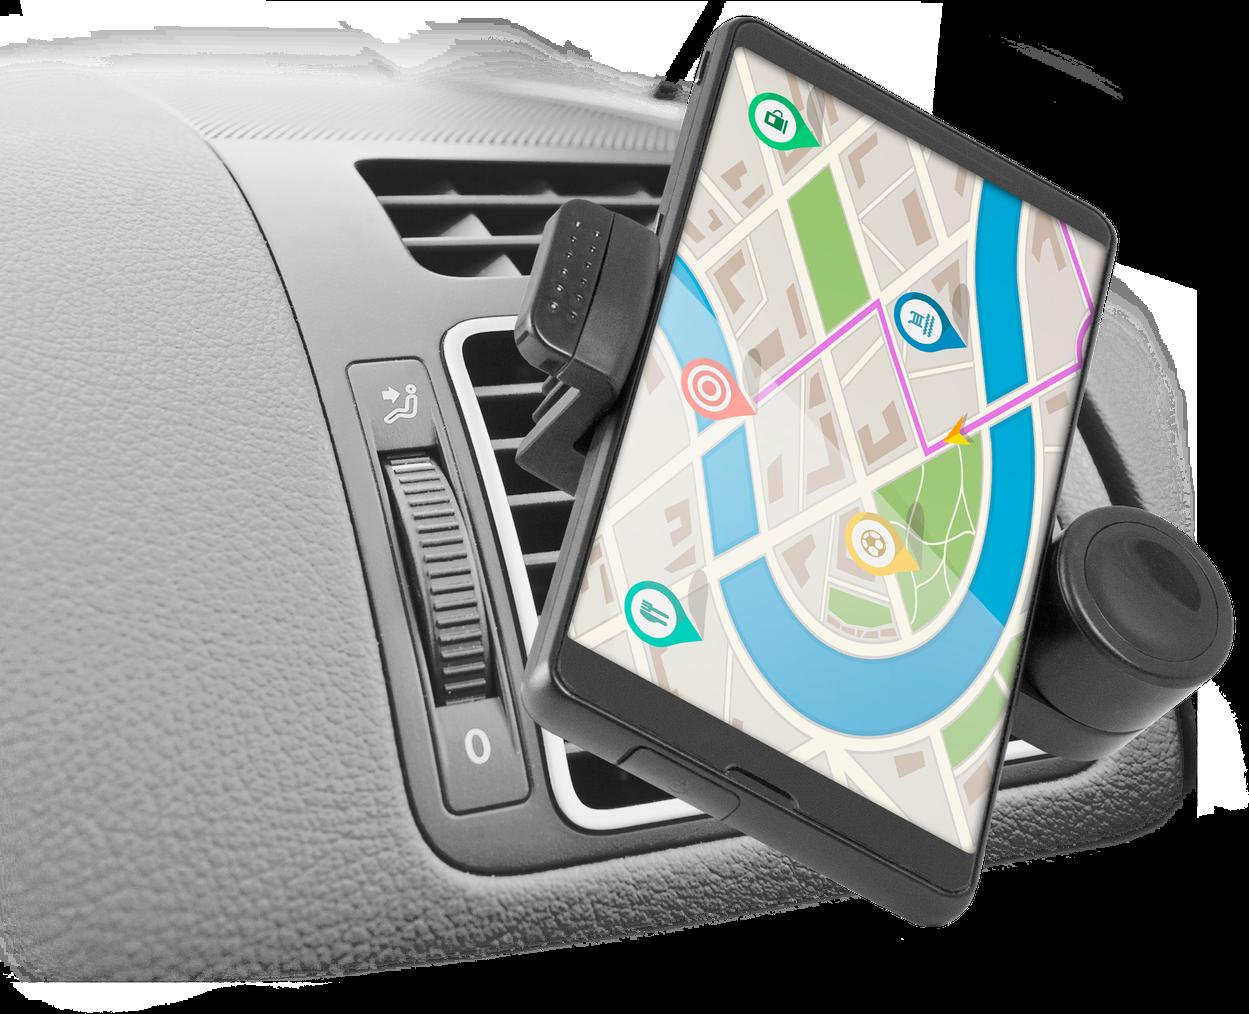 Univerzální držák do auta Defender Car holder 122 je určen pro tablety, mobilní telefony, smartphone, PDA, e-book readery, GPS navigace apod.